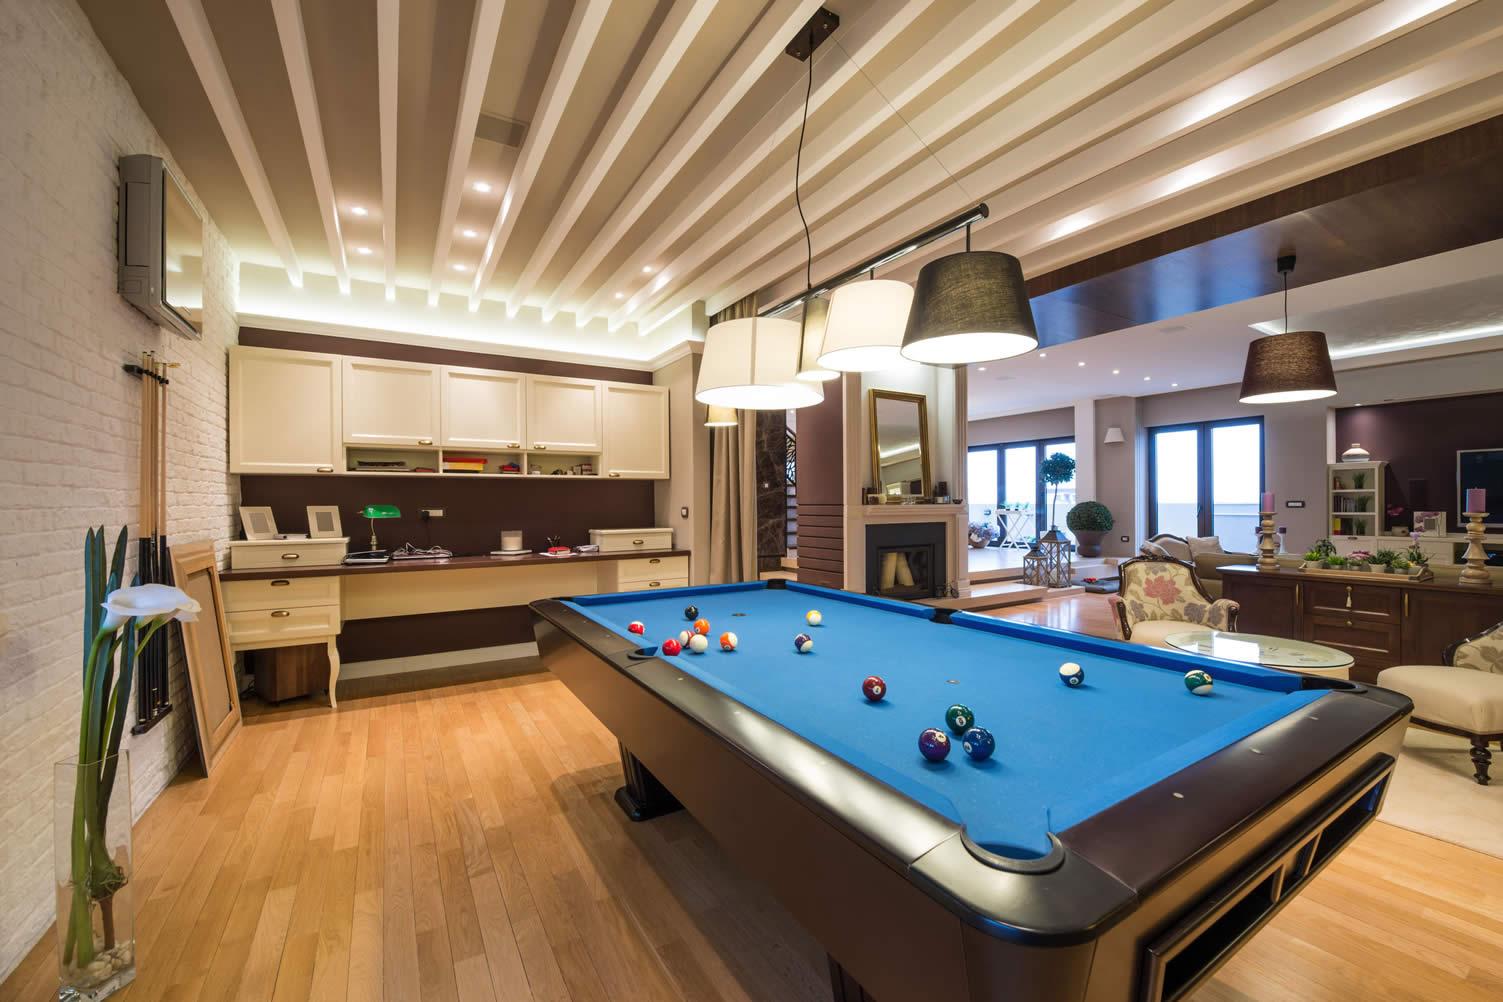 billiard pool table